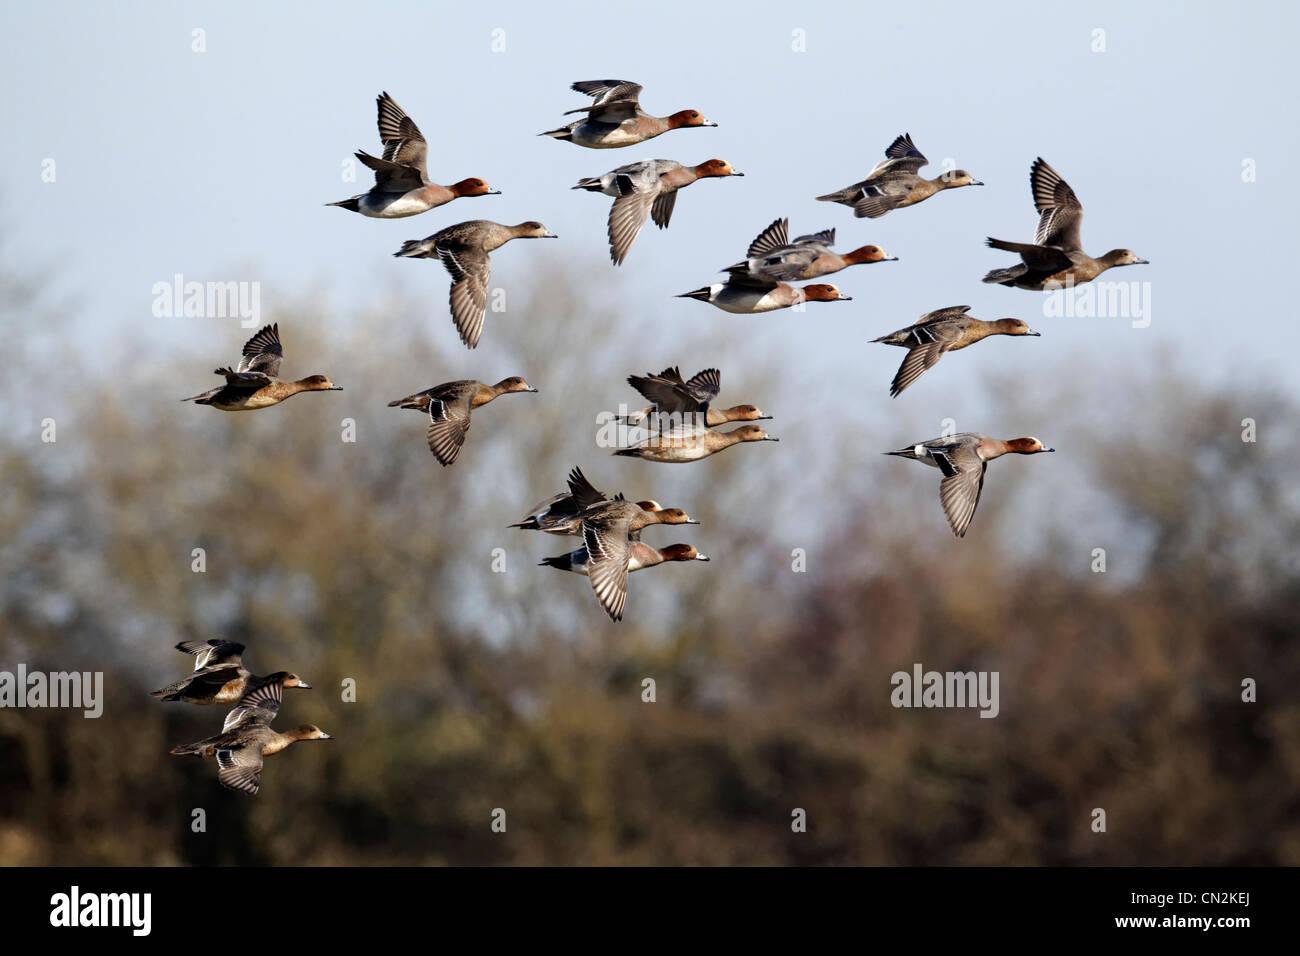 Silbón europeo, Anas penelope, grupo de aves en vuelo, Gloucestershire, marzo de 2012 Imagen De Stock